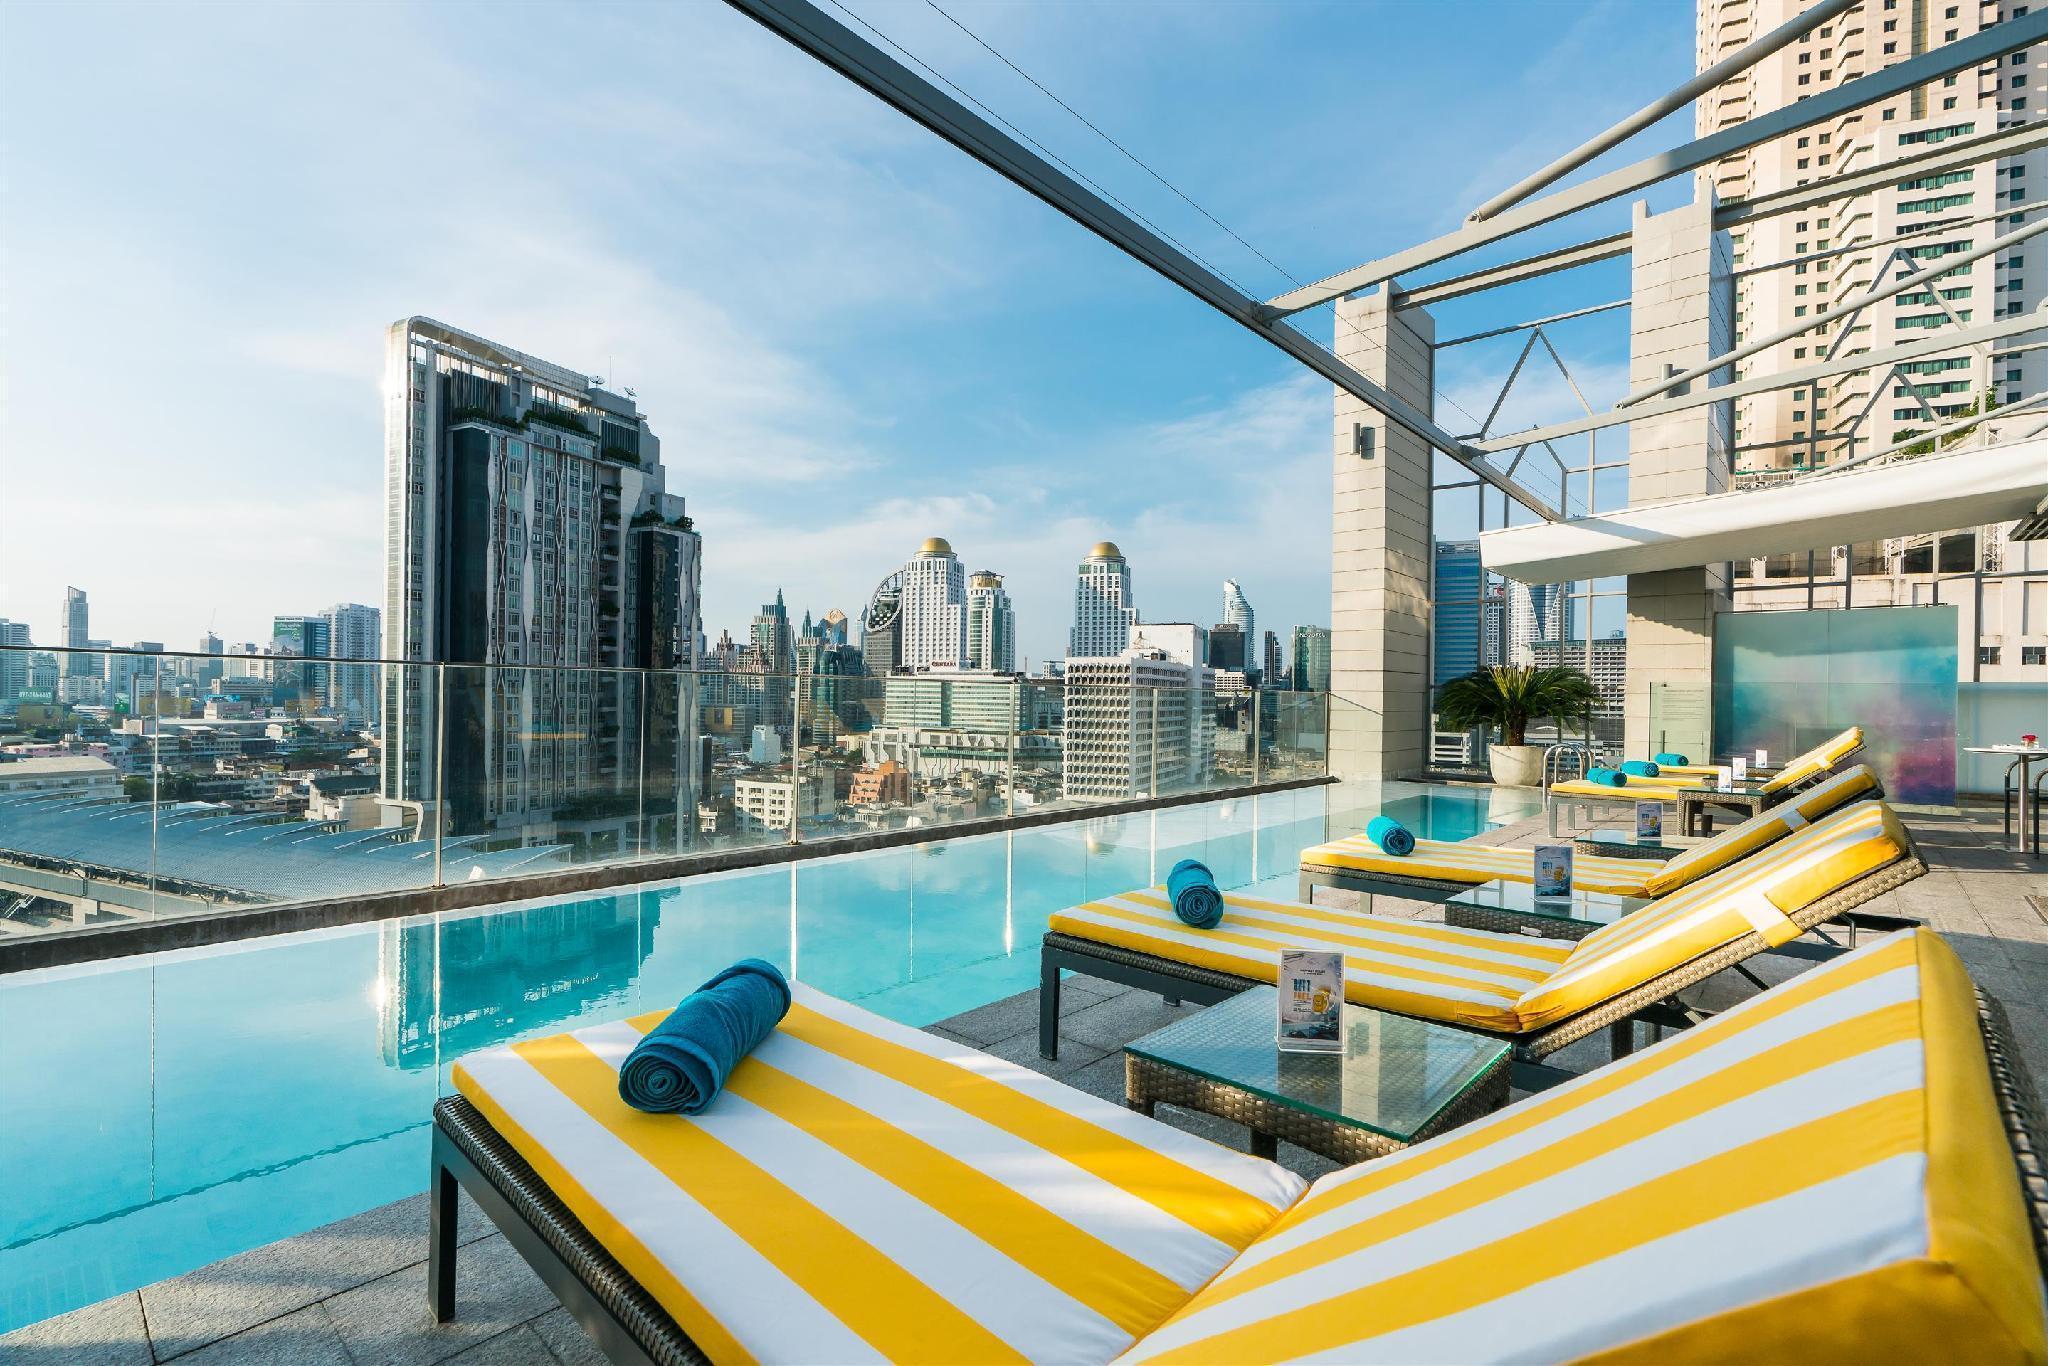 Akara Hotel Bangkok โรงแรมอครา กรุงเทพฯ